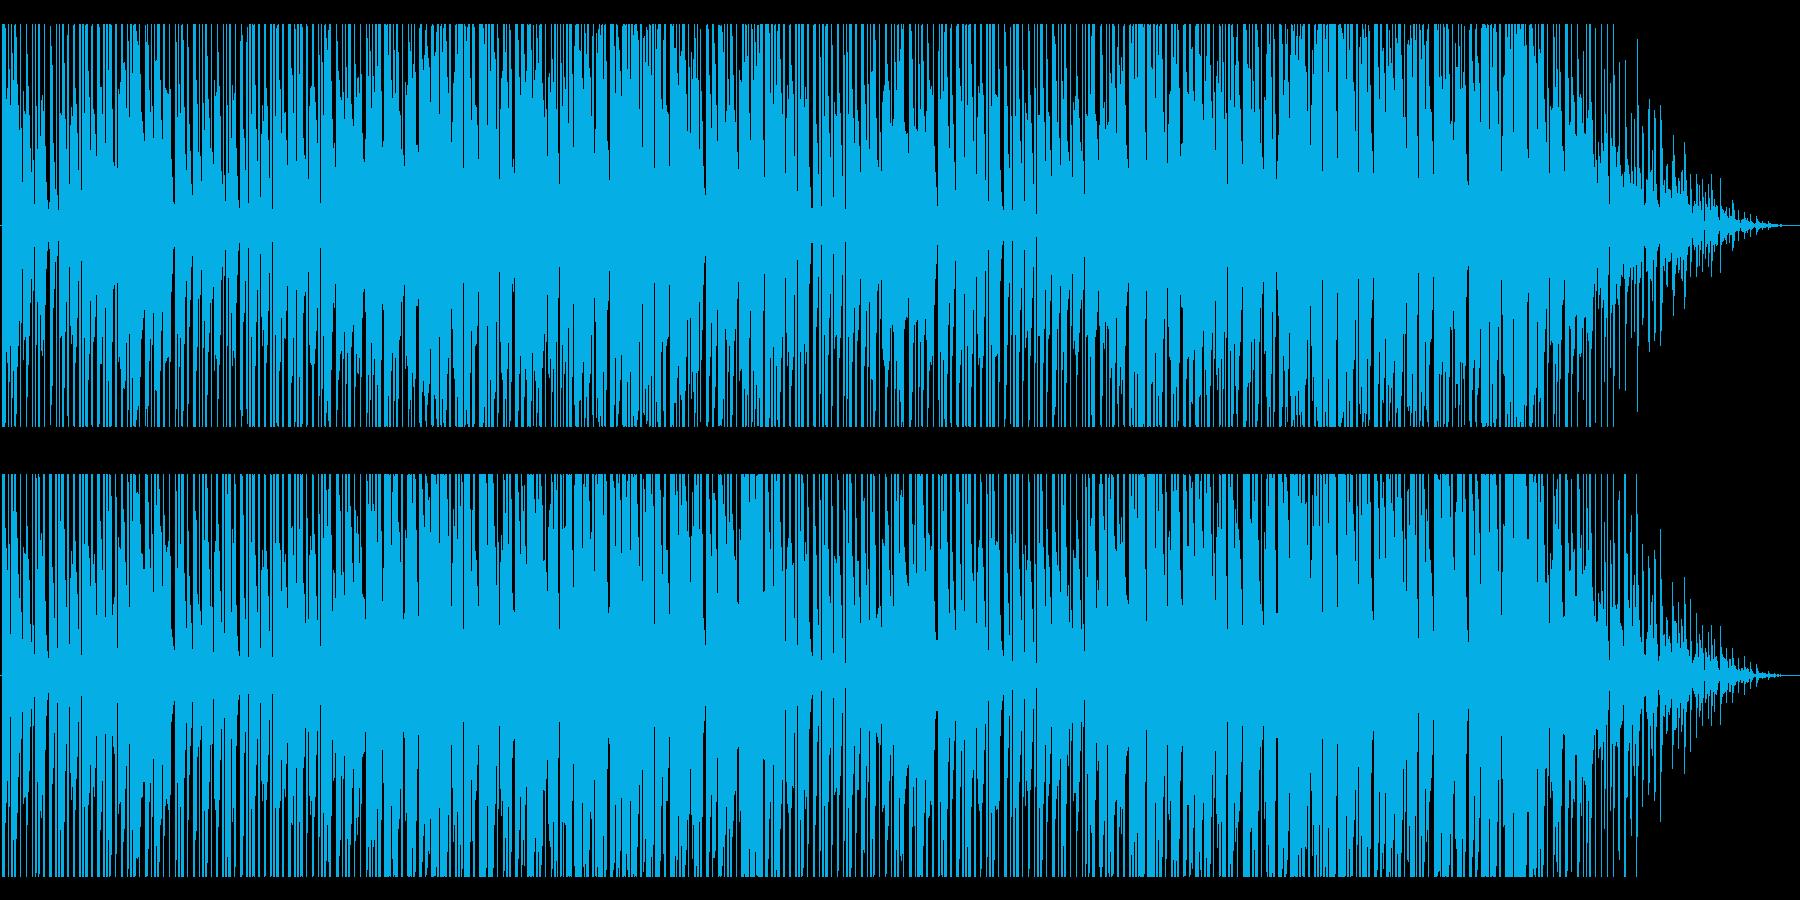 寒さが近づいてくるようなBGMの再生済みの波形